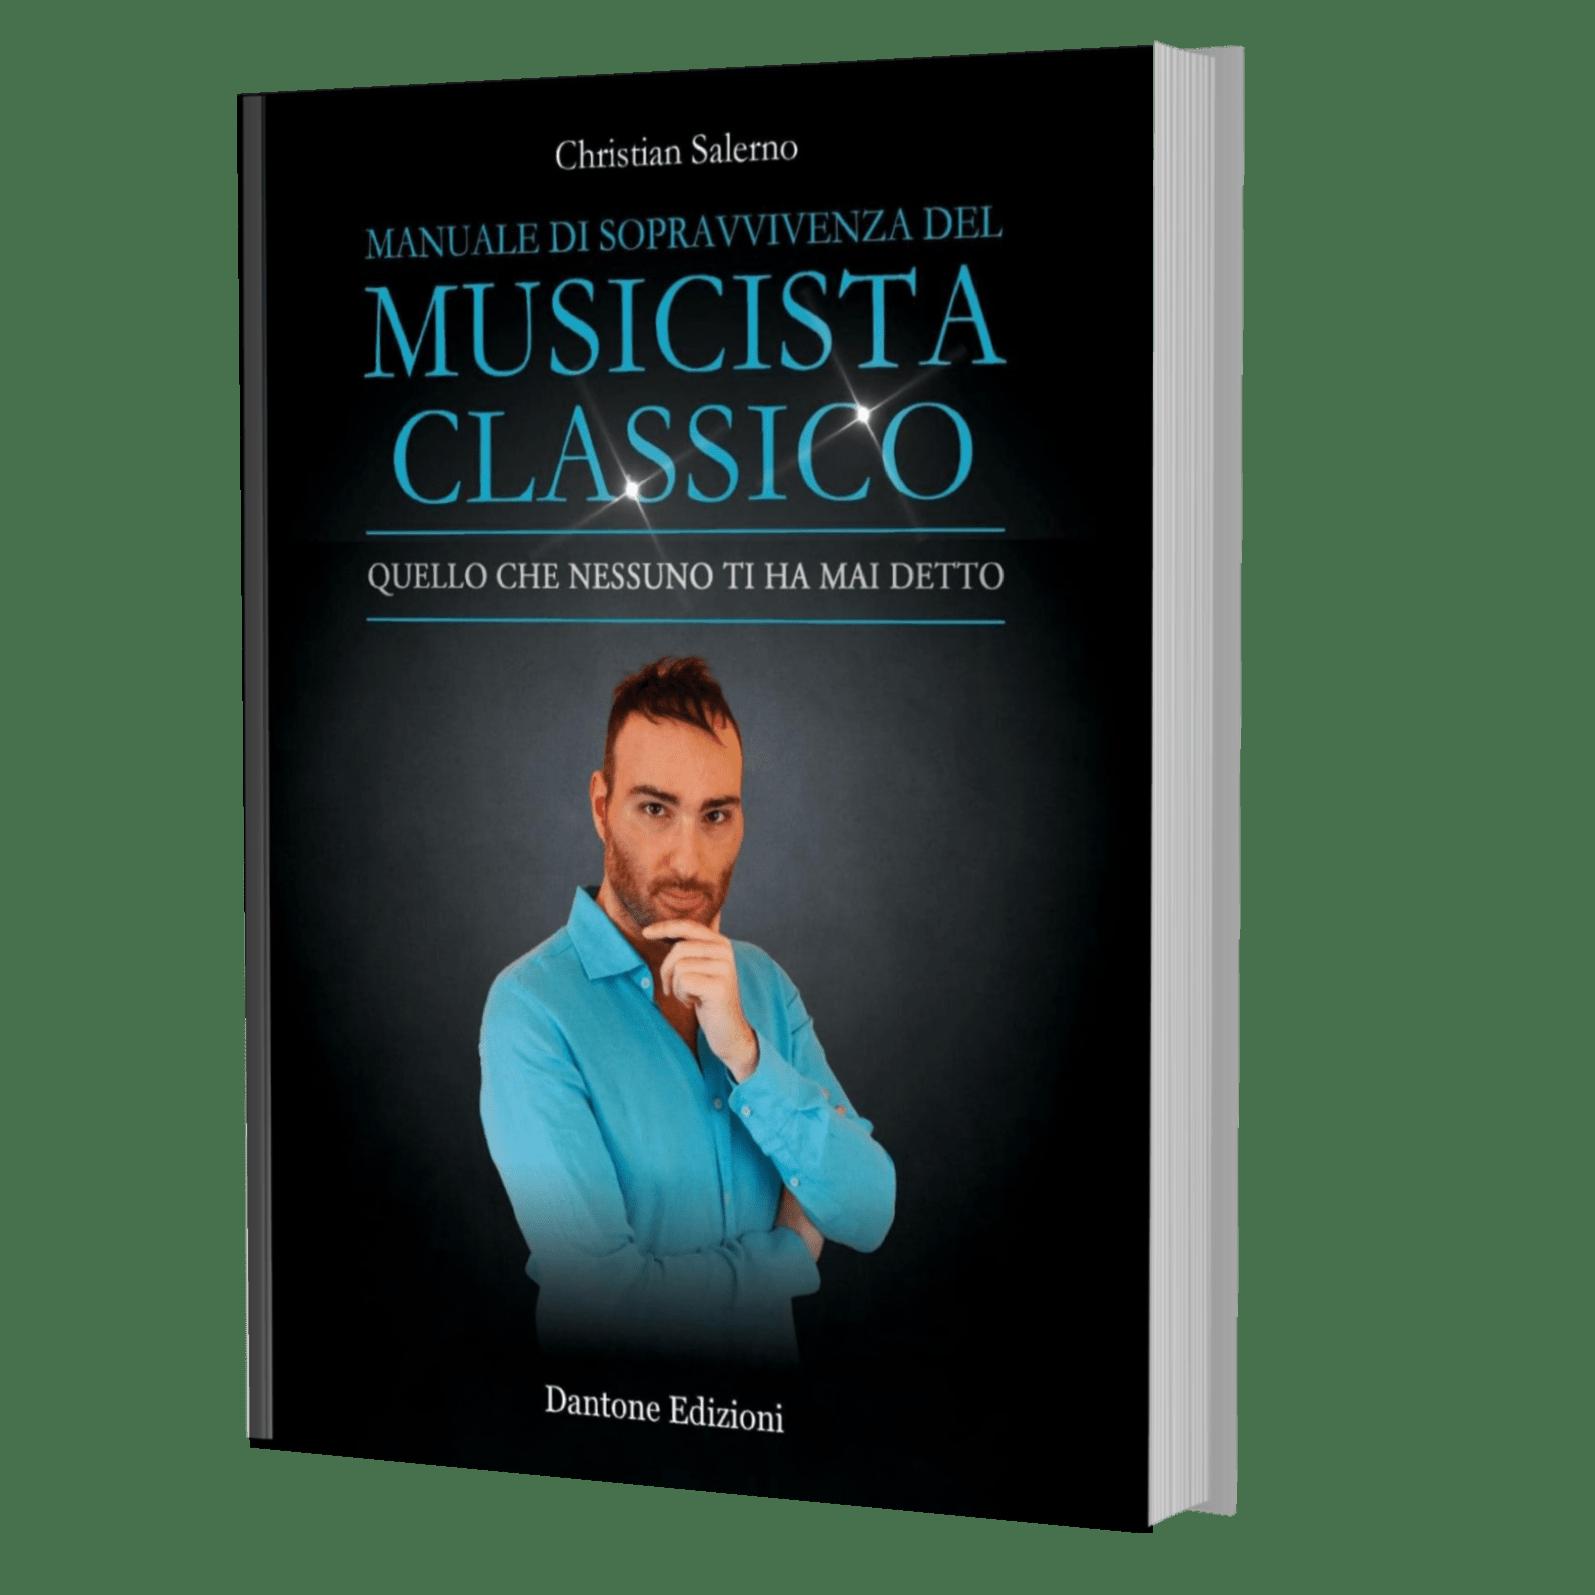 Manuale Del Musicista Classico + Consulenza